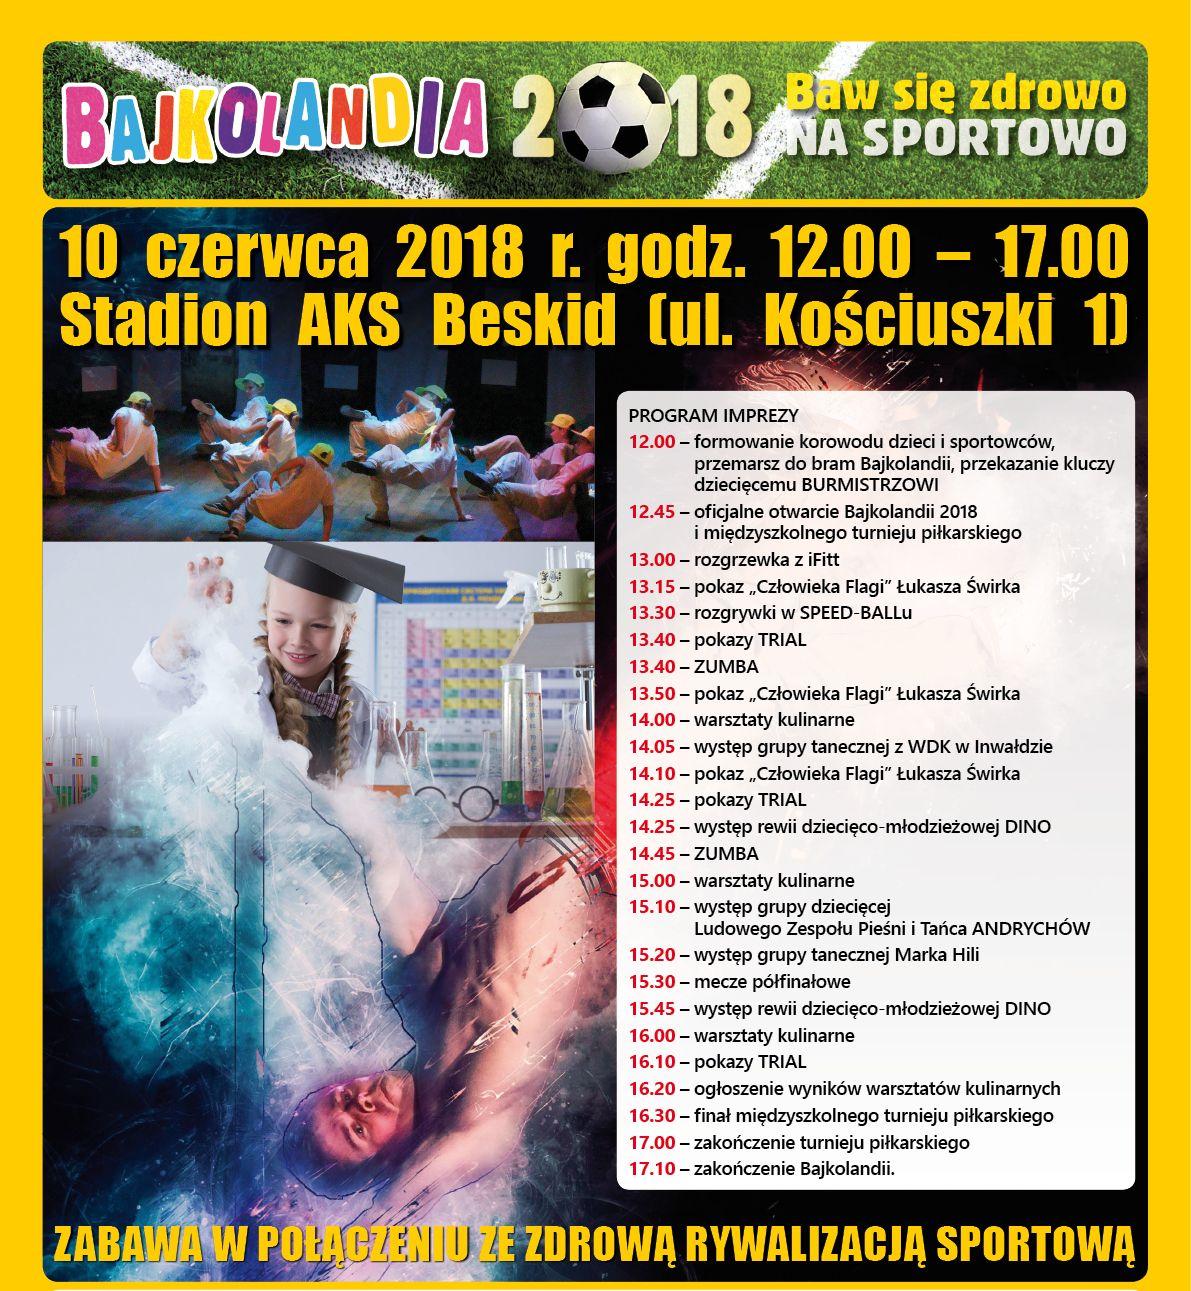 Bajkolandia jednak się odbędzie - 10 czerwca na stadionie